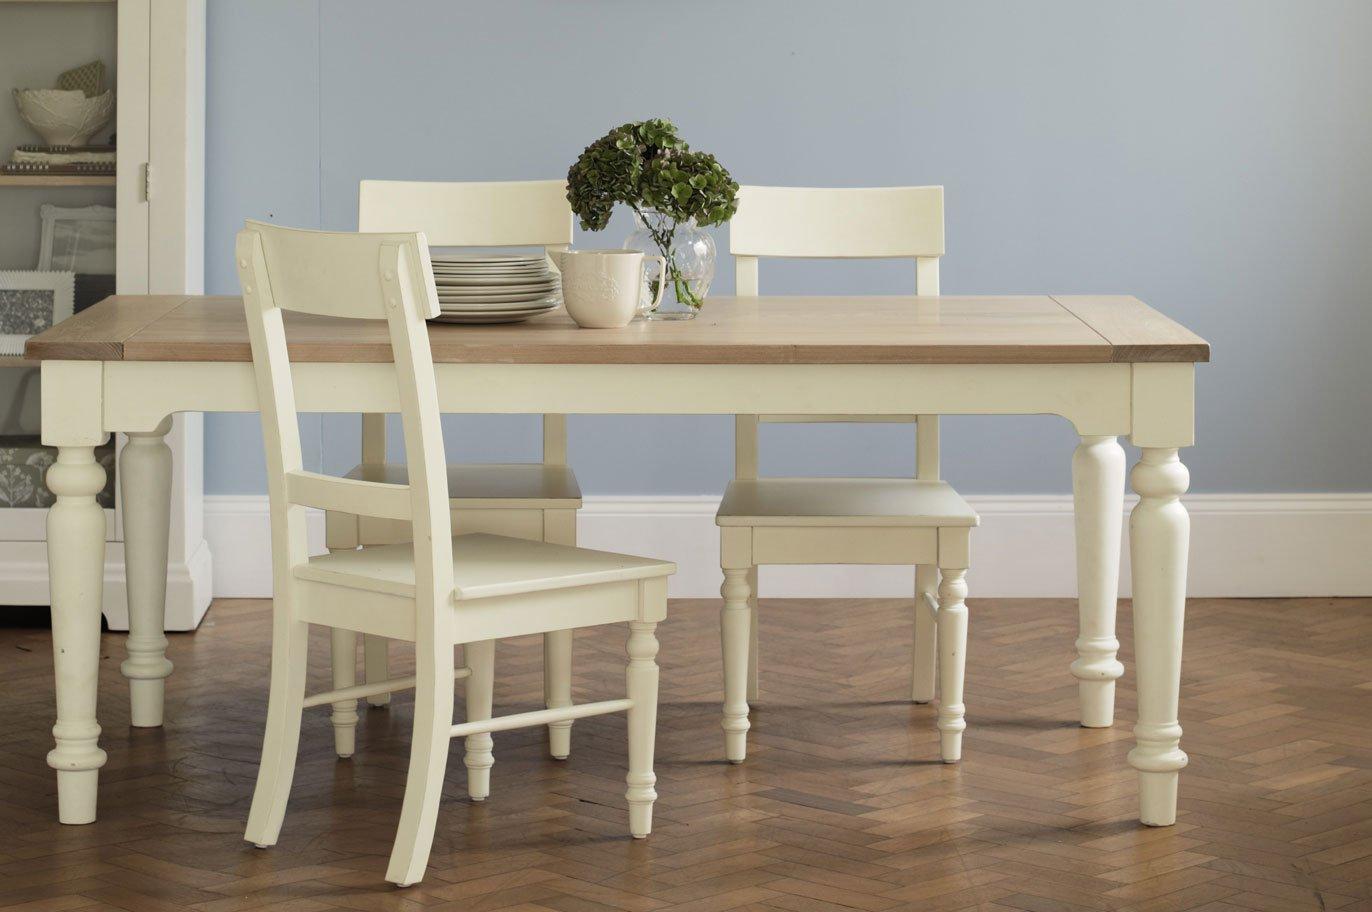 Muebles para una cocina de estilo ingl s decoraci n del for Mesas y sillas de madera para cocina